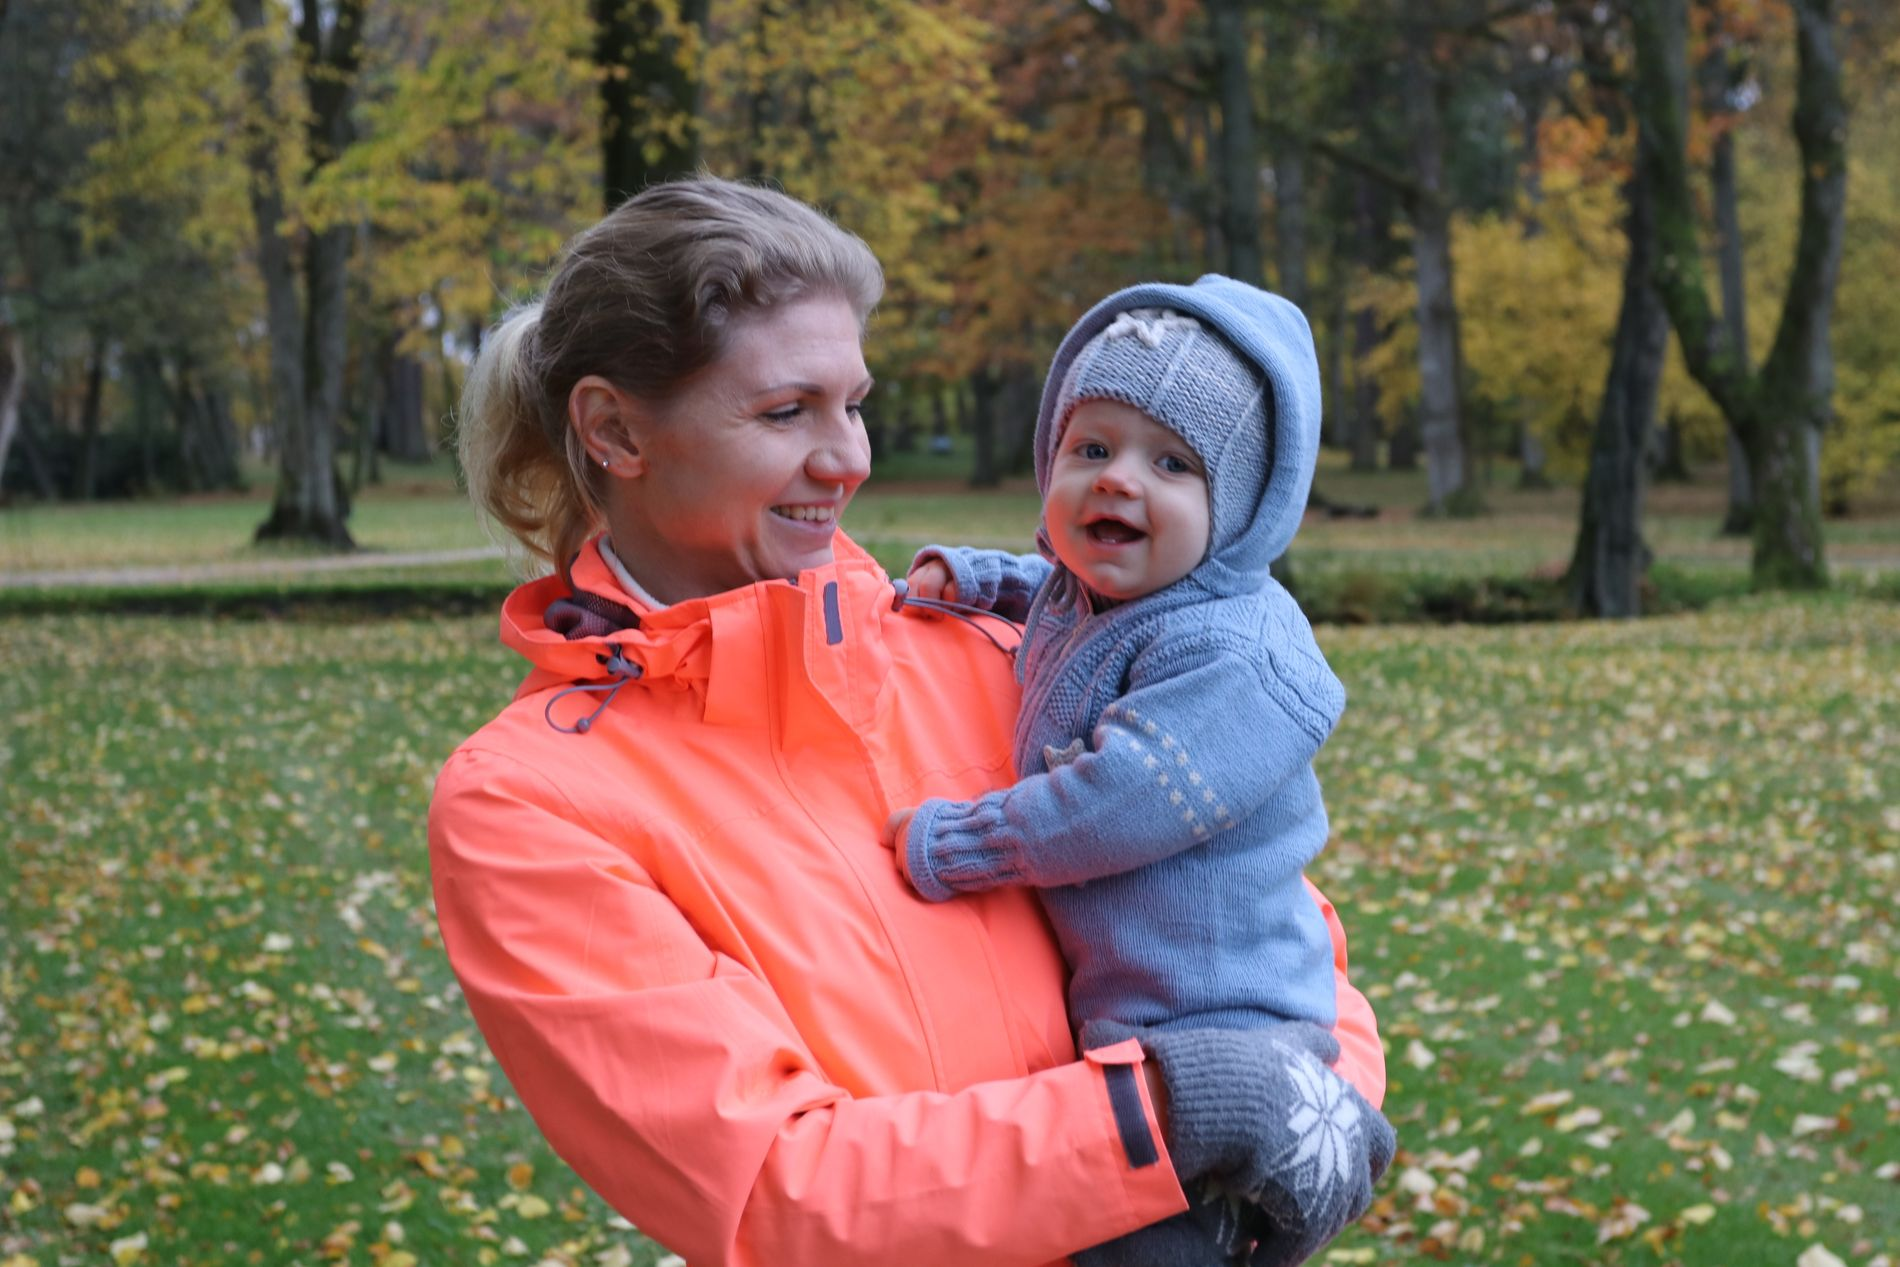 «Hvordan forsikrer man det kjæreste man har på best mulig måte?» Det var dette spørsmålet Marlene stilte seg selv da hun skulle velge barneforsikring. På bildet er Mathias ni måneder.